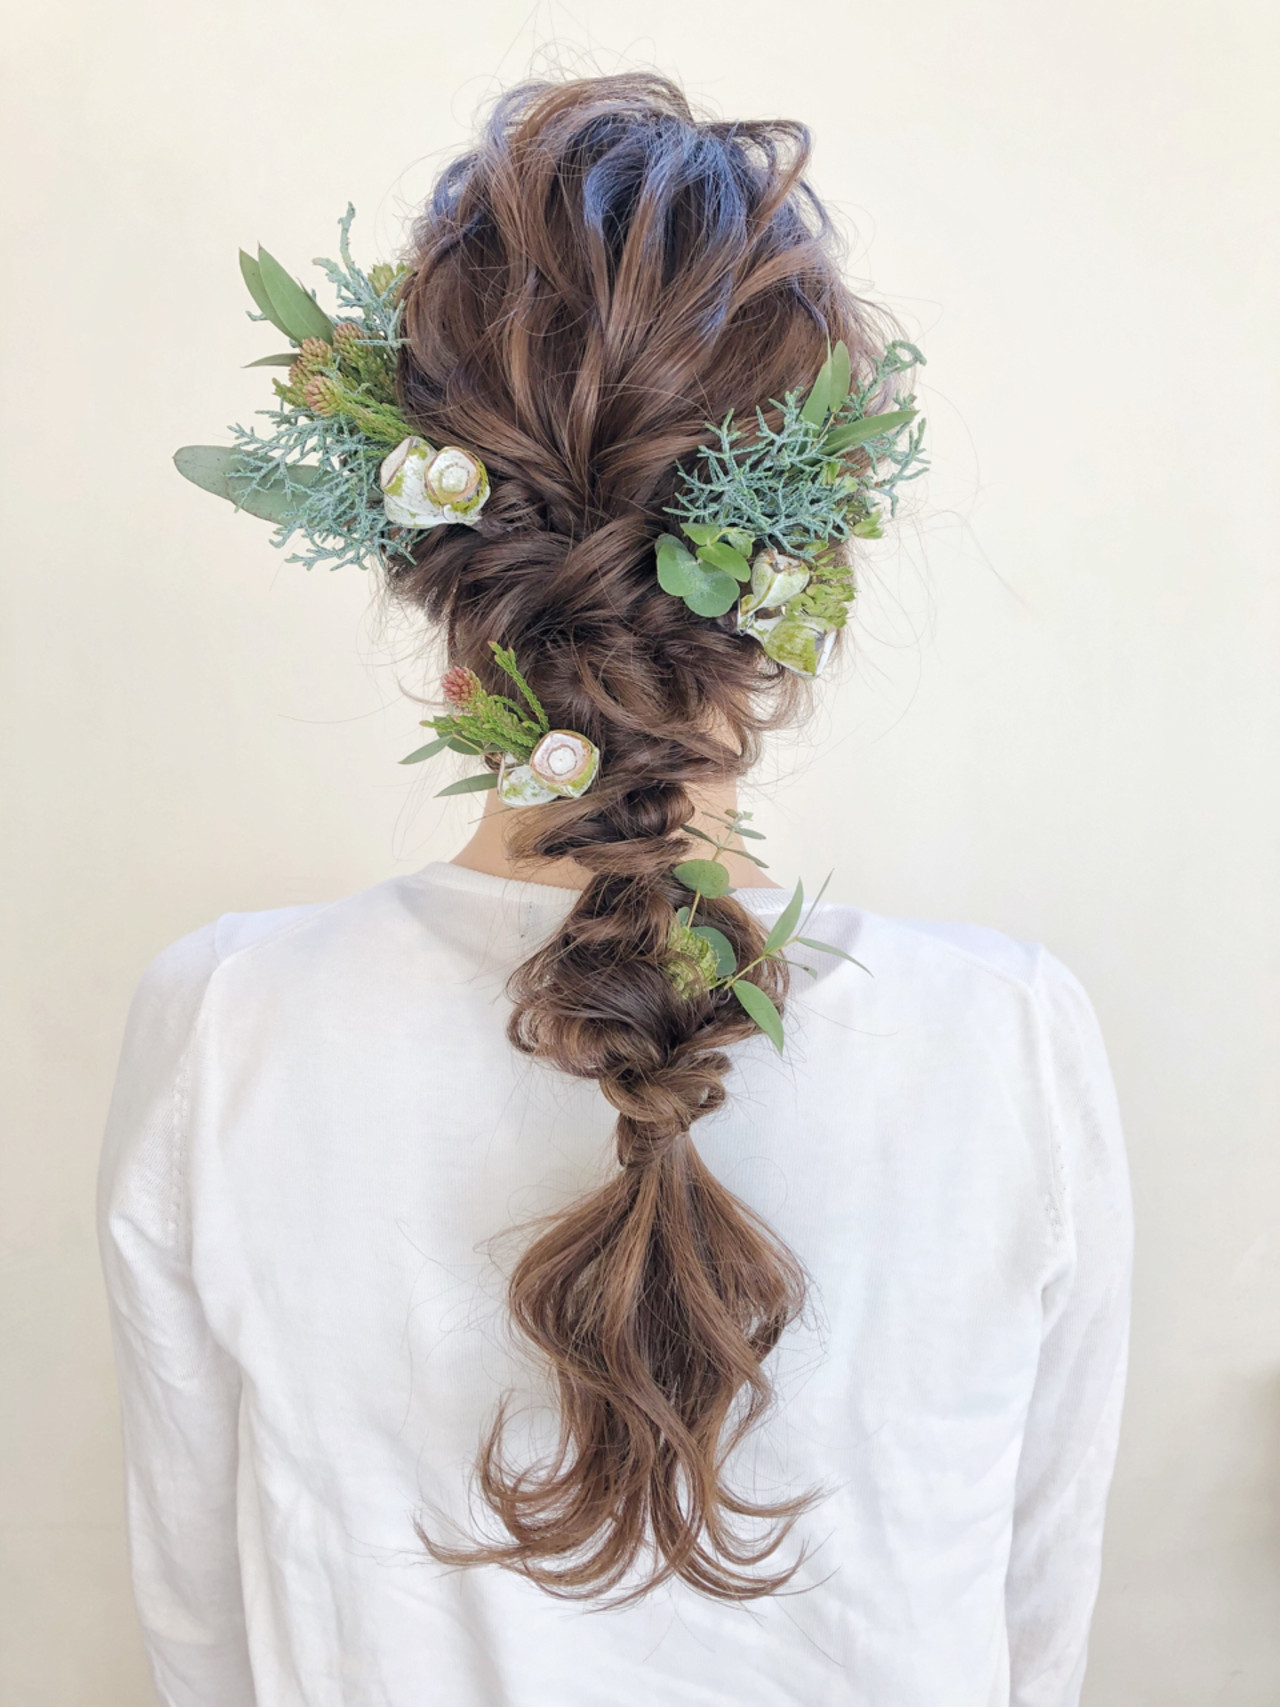 ナチュラルな編みおろしの髪型 サワ  Seamu